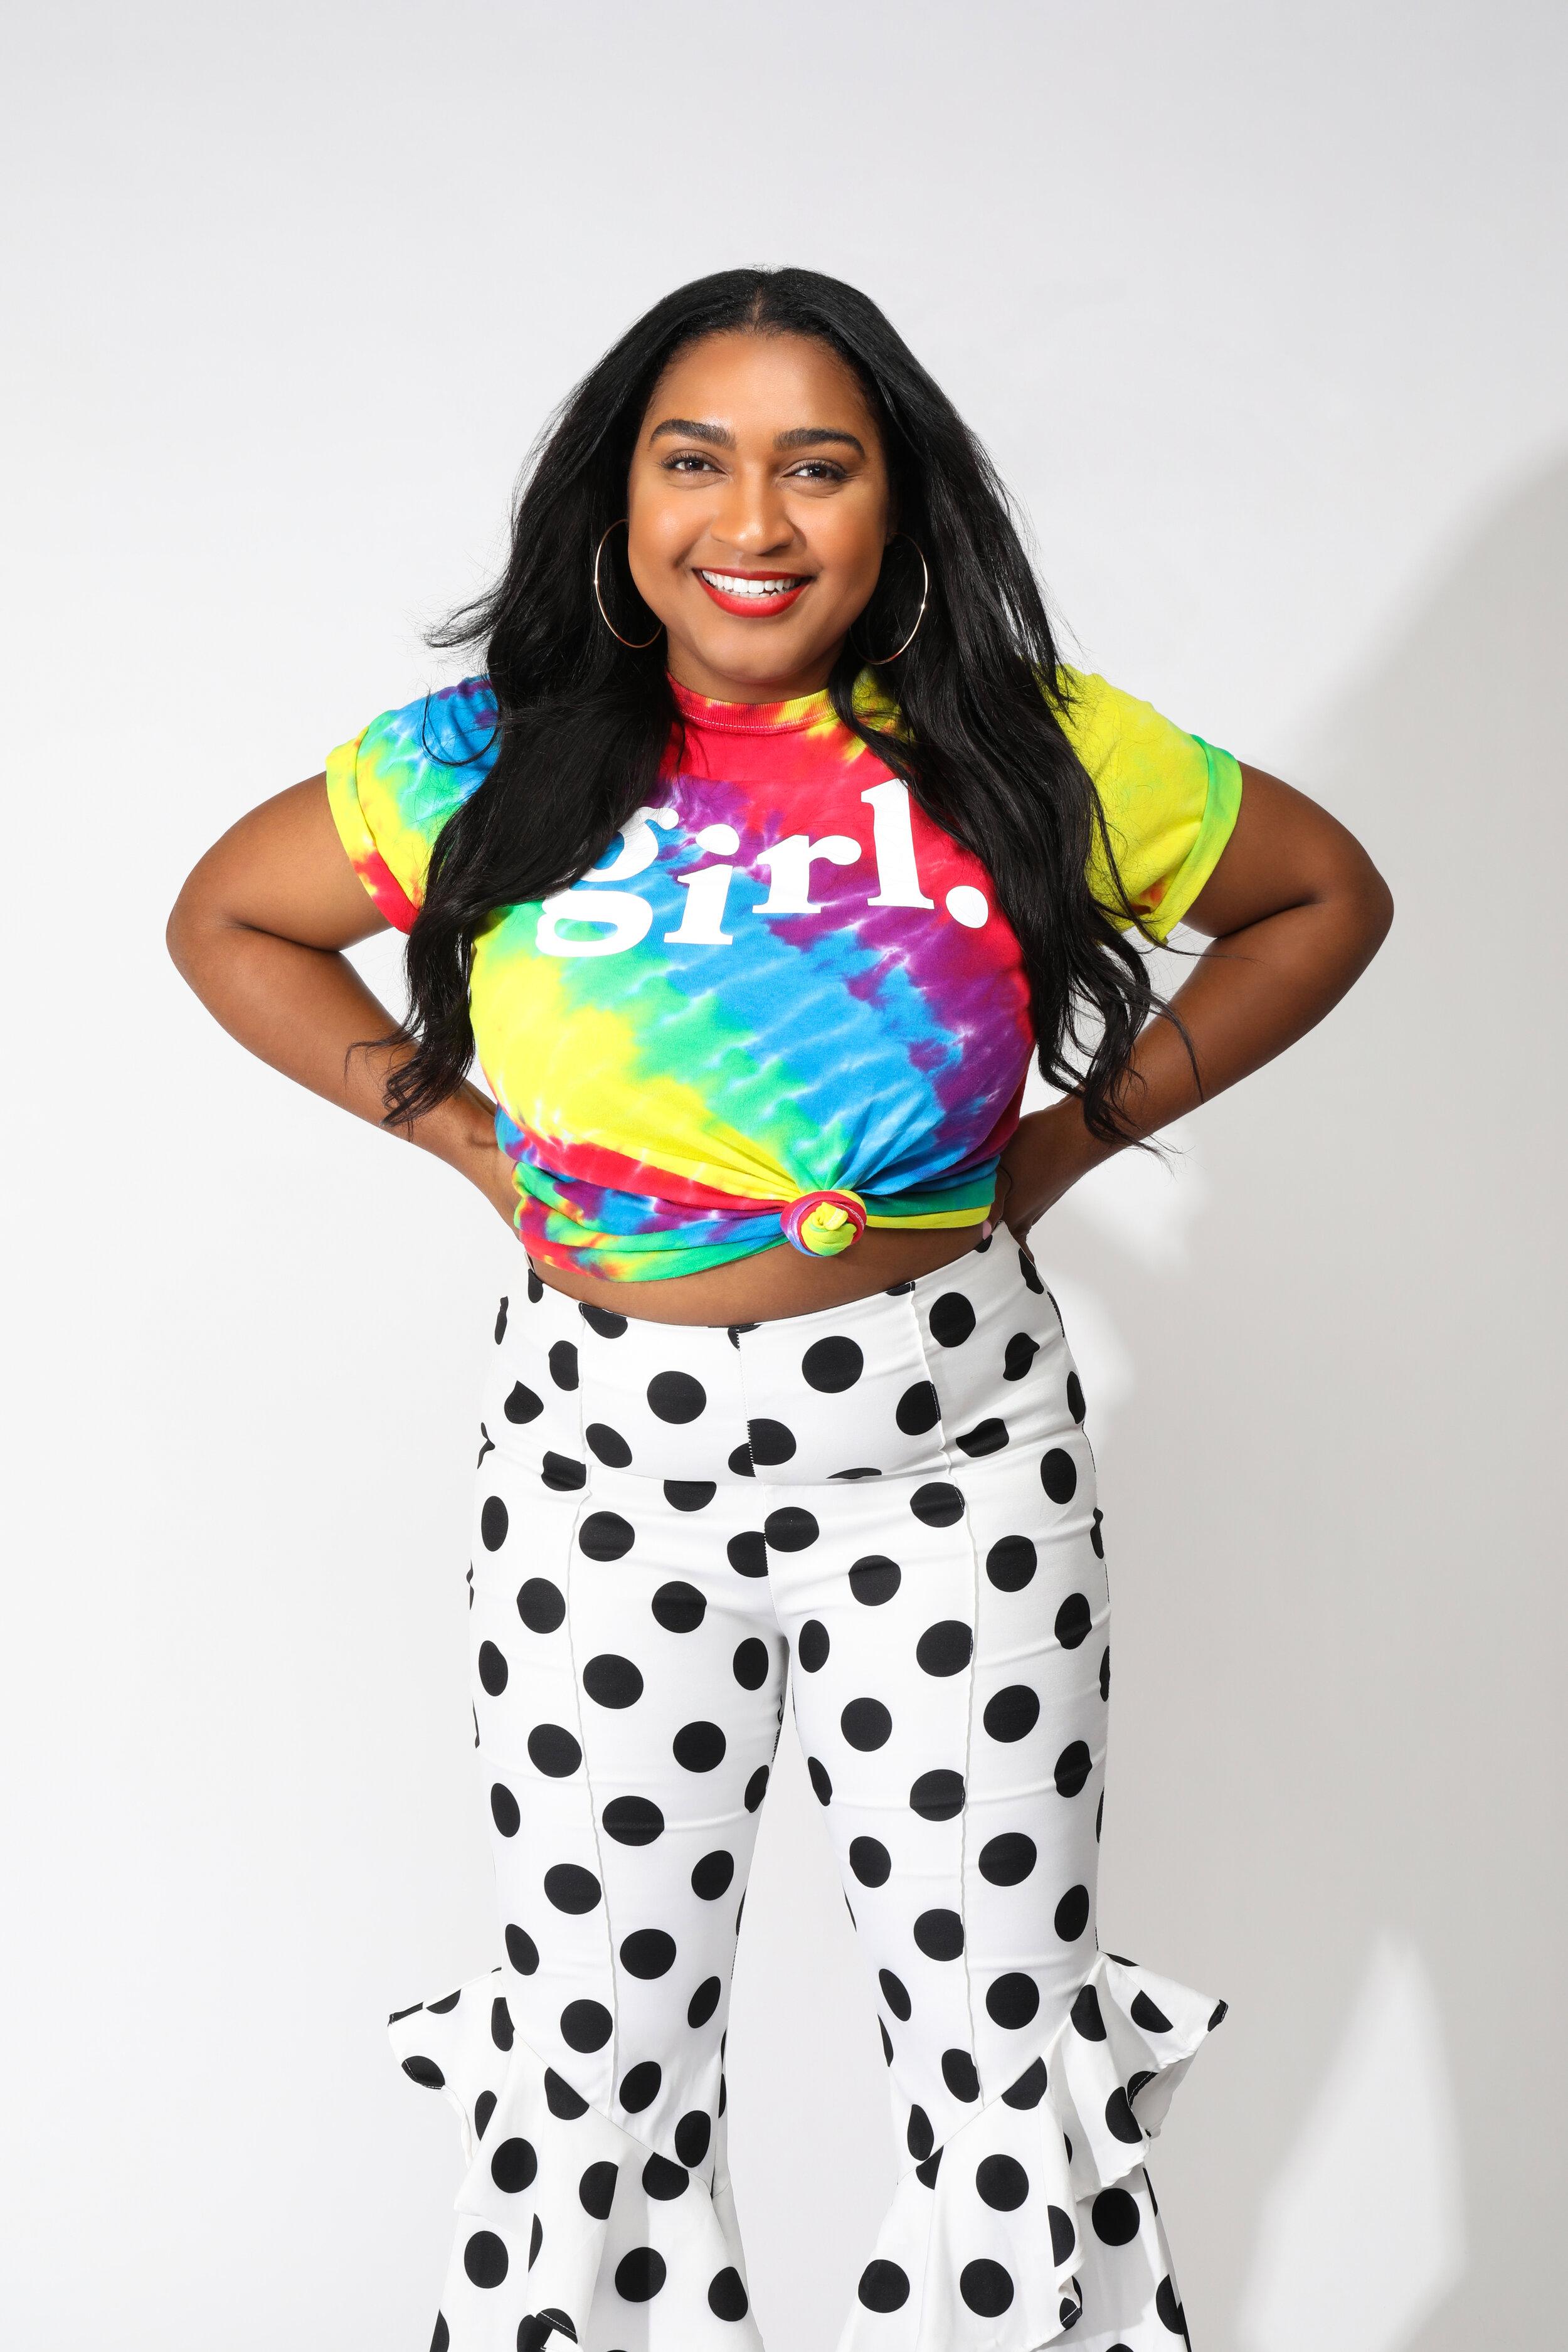 jasmine diane best kc bloggers